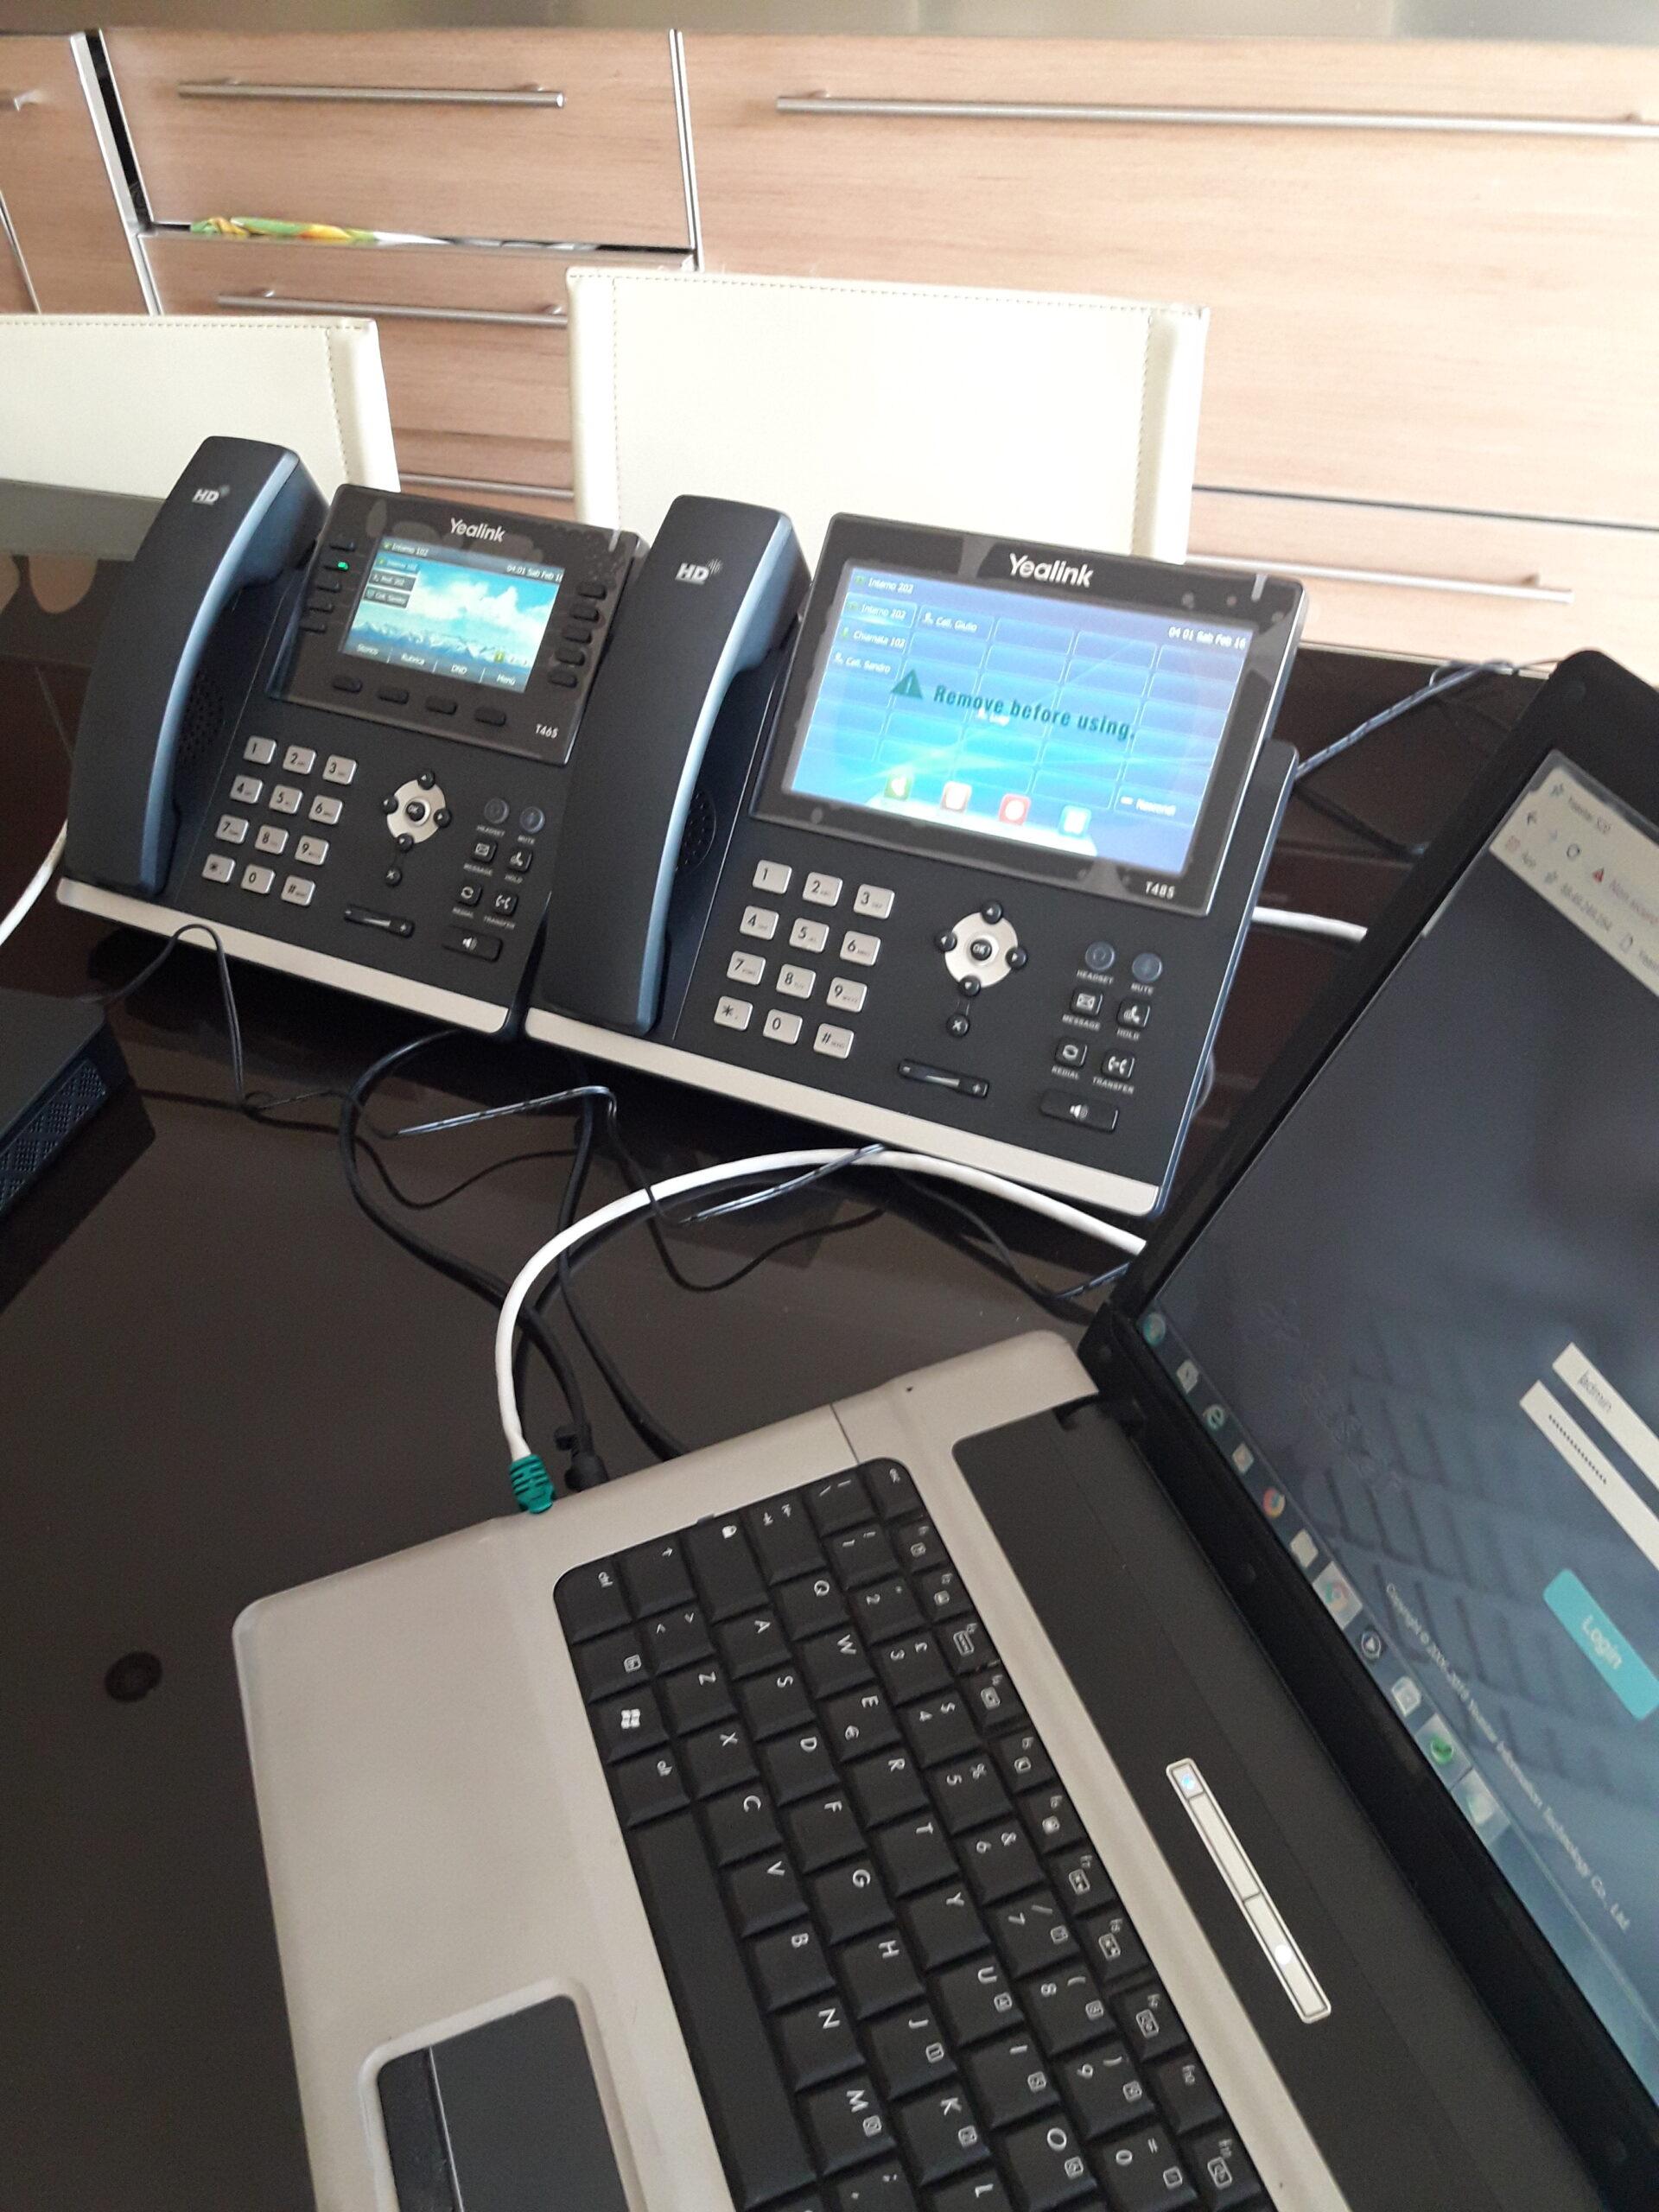 Pre-configurazioni telefoni Yealink per smartworking